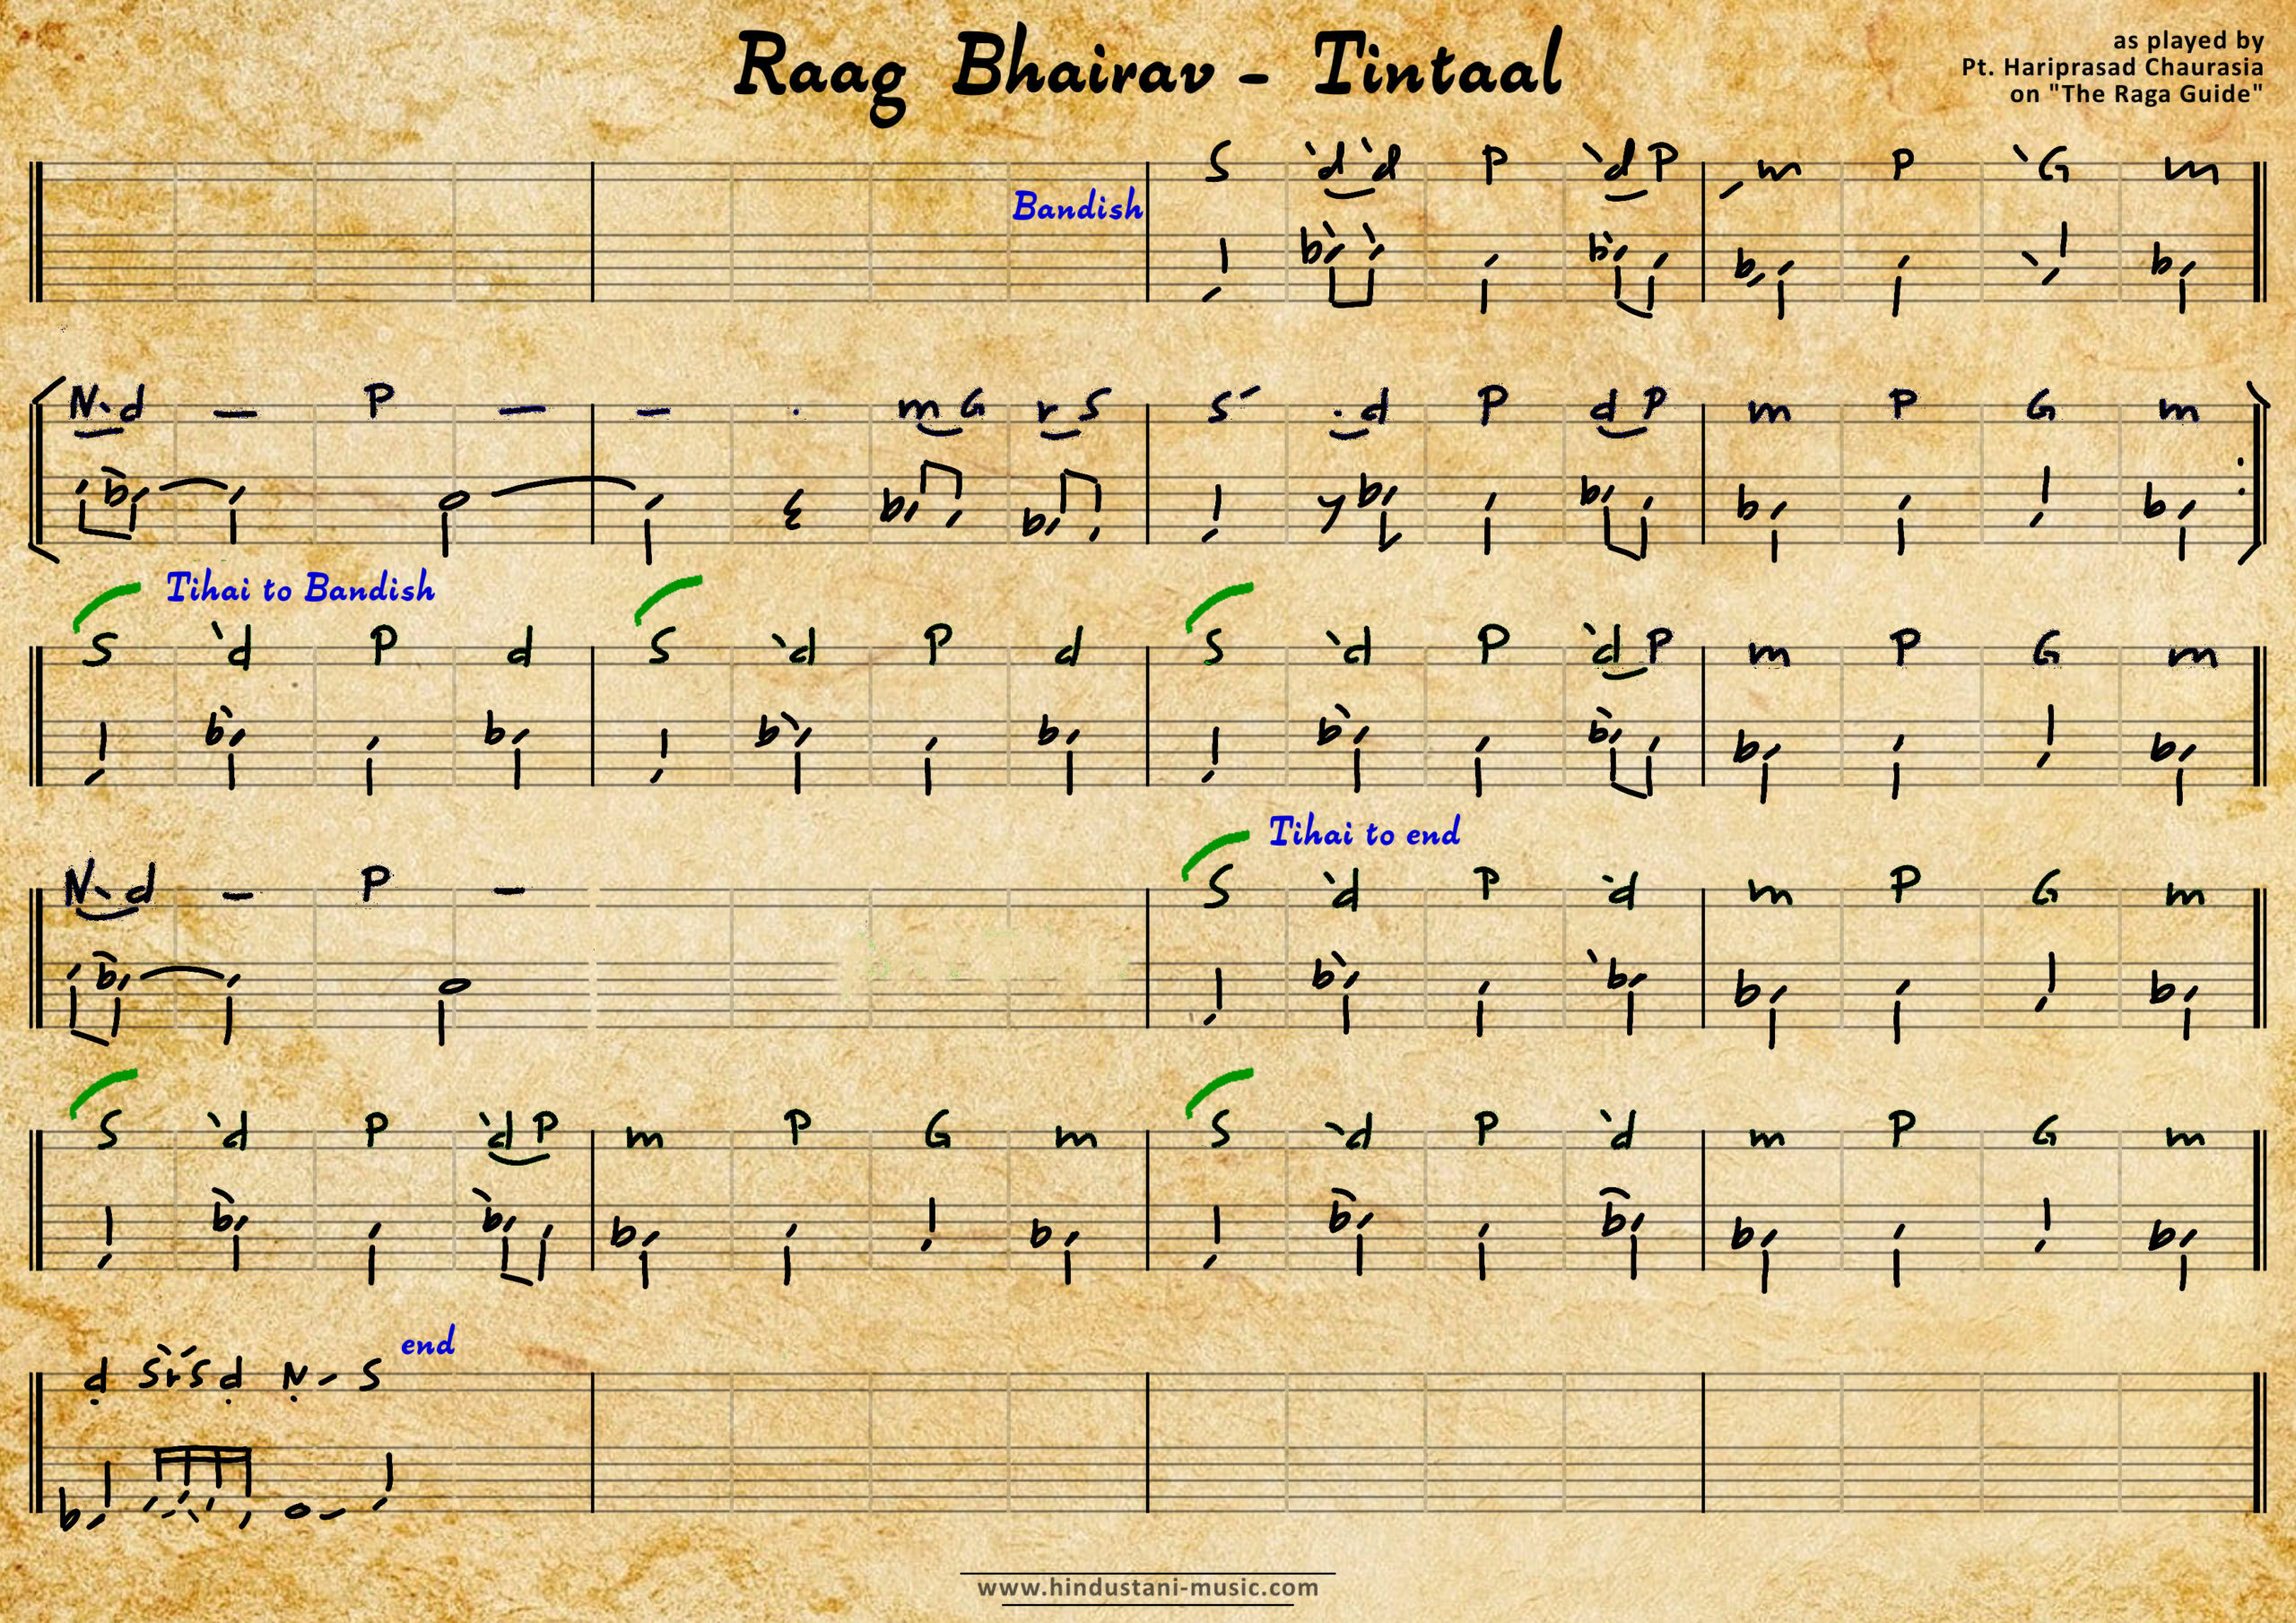 Bhairav - HARIPRASAD CHAURASIA - Tintaal Raga Guide